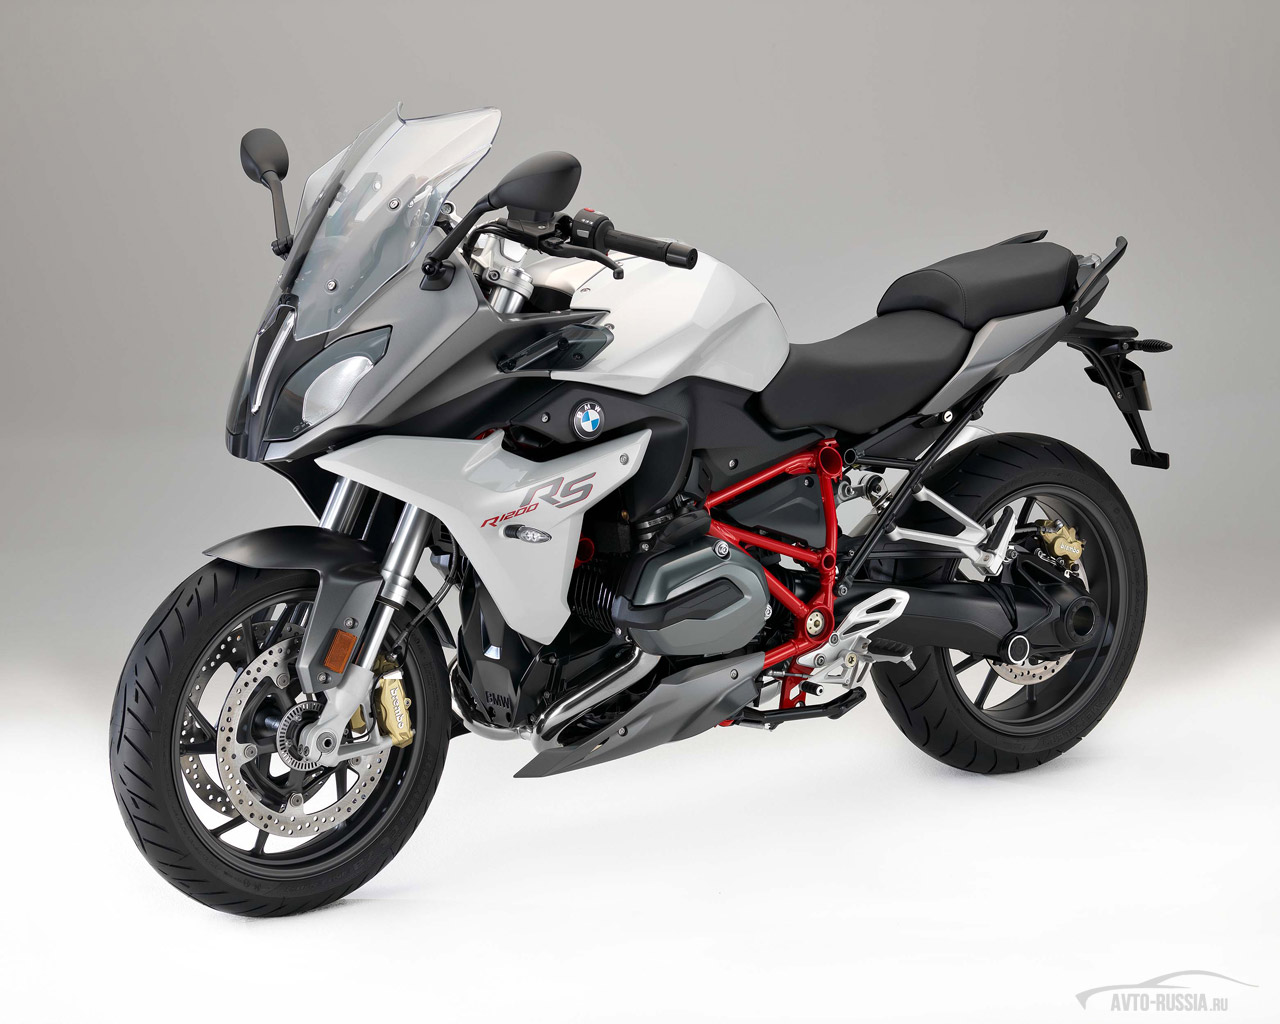 Полная классификация мотоциклов  Мотоциклы продажа